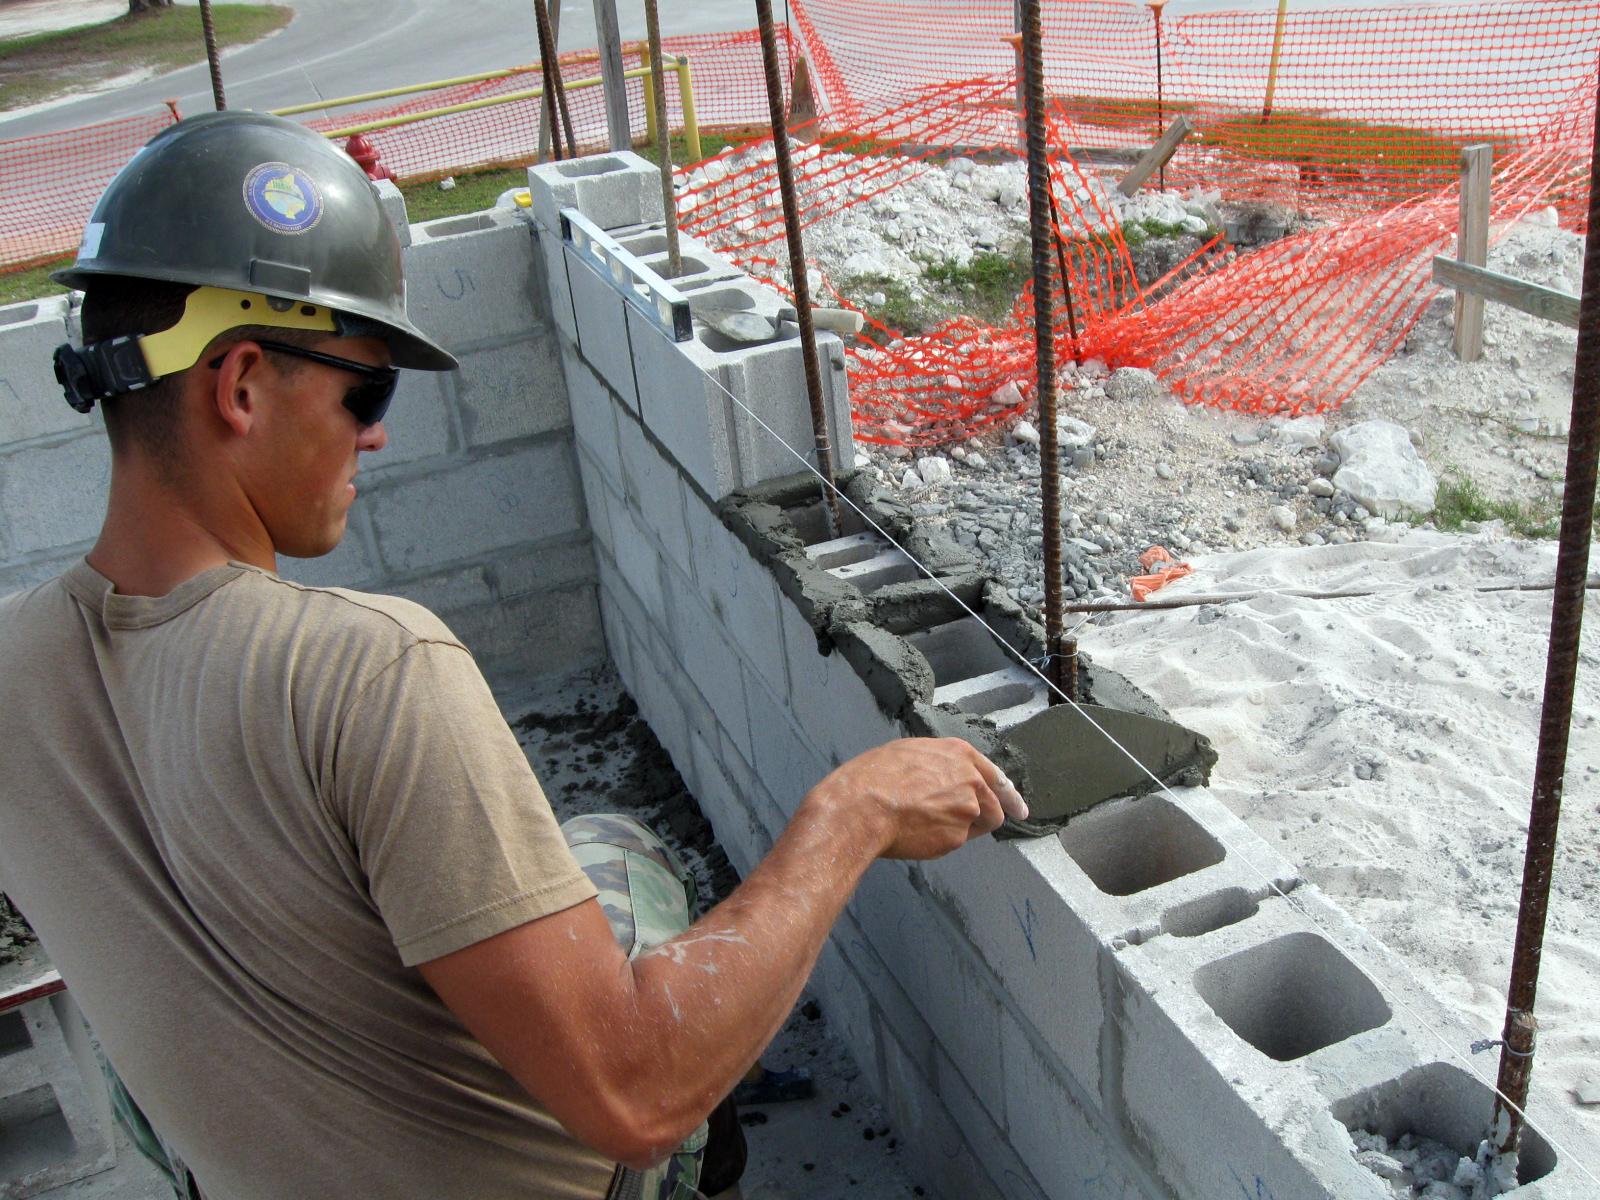 خدمات ساختمانی علیرضاحیدرنژاد - دیوار چینی با بلوک سیمانیبرچسبها: دیوار چینی با بلوک سیمانی, بلوکacc, سفال کاری, سیمانکاری, کف سازی